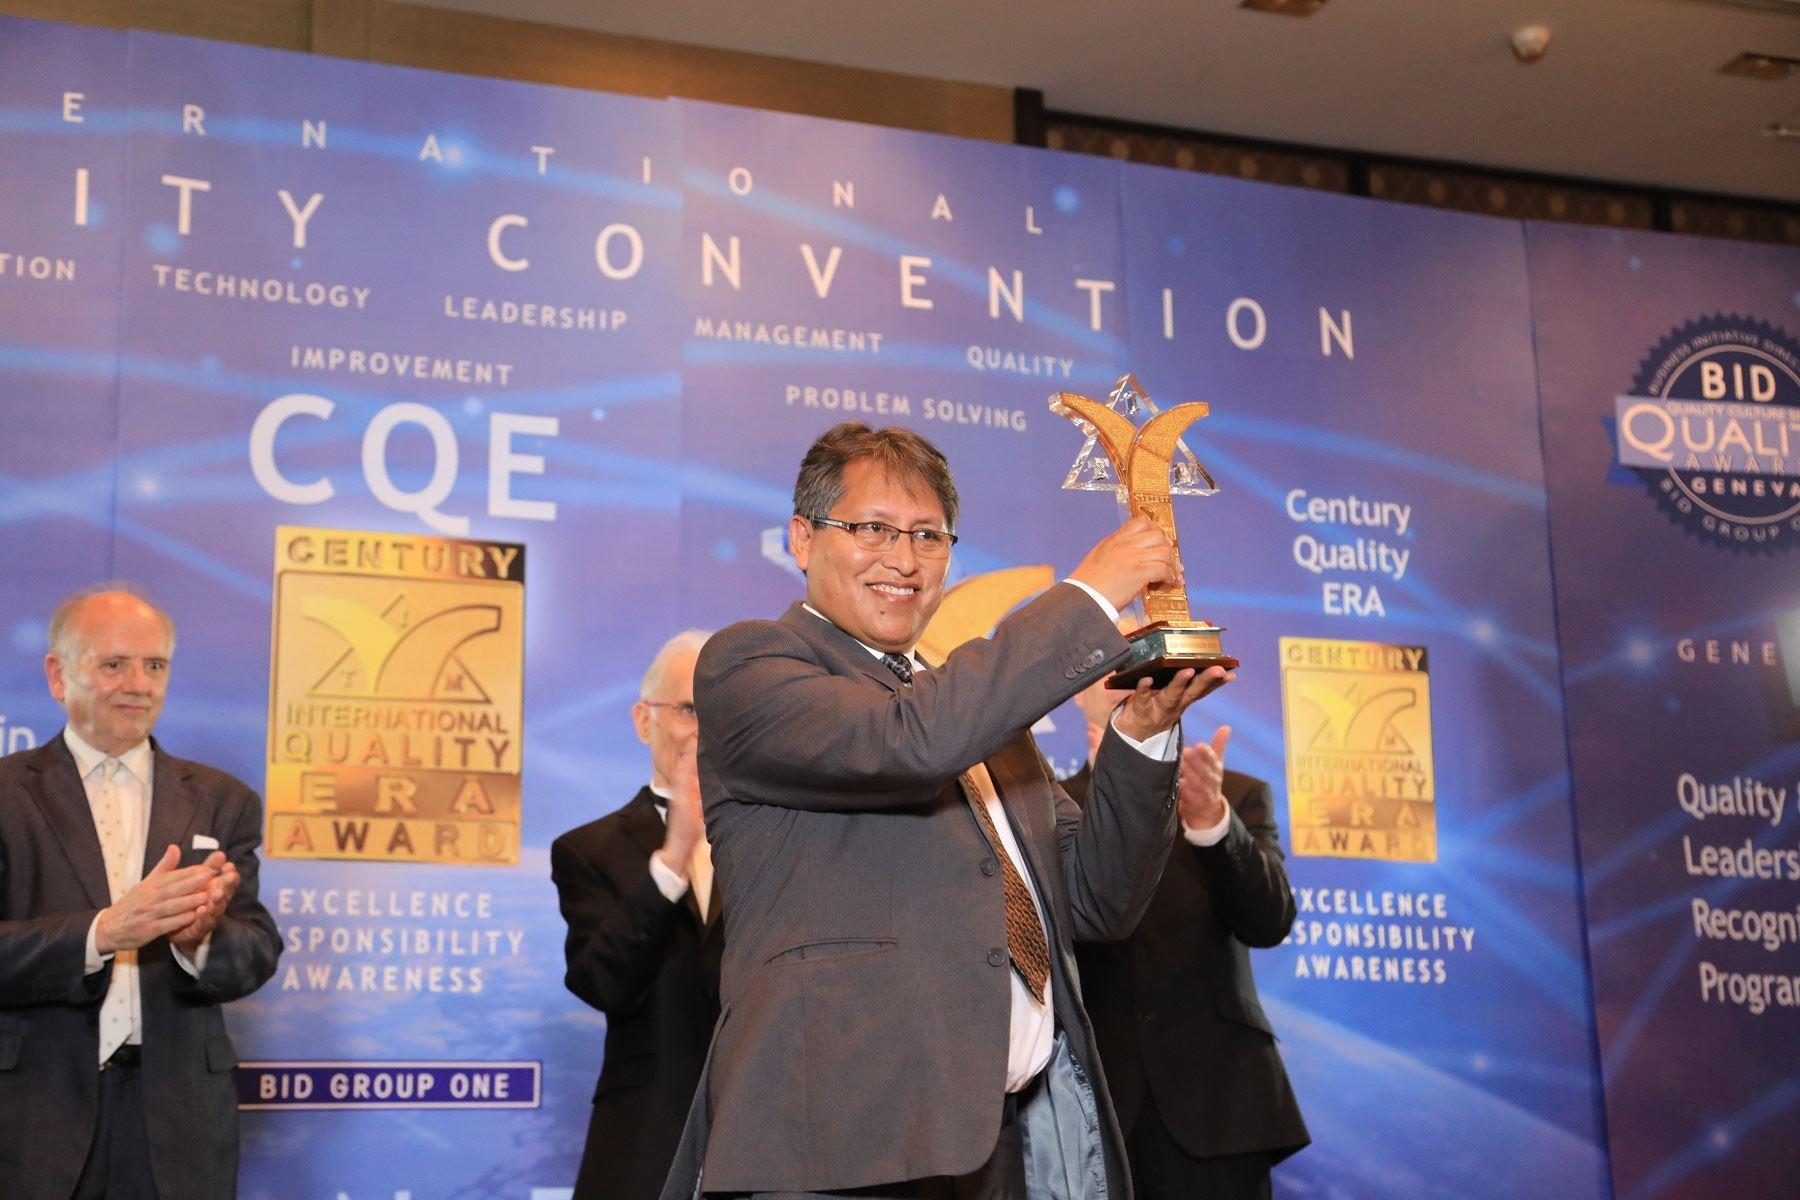 Ingeniero peruano Walter Sánchez Moyna recibió el Premio Era a la Calidad Internacional del Siglo (Century International Quality Era Awards), por su valioso aporte científico a la innovación y la tecnología, en Suiza.